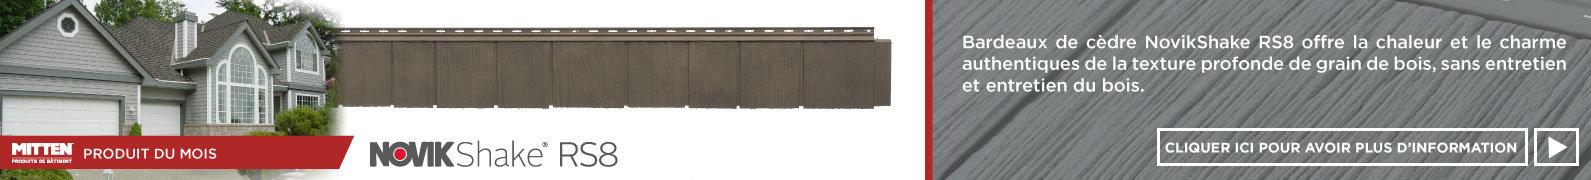 NovikShake RS8 / Bardeau de cèdre de couleur assortie Mitten 8'